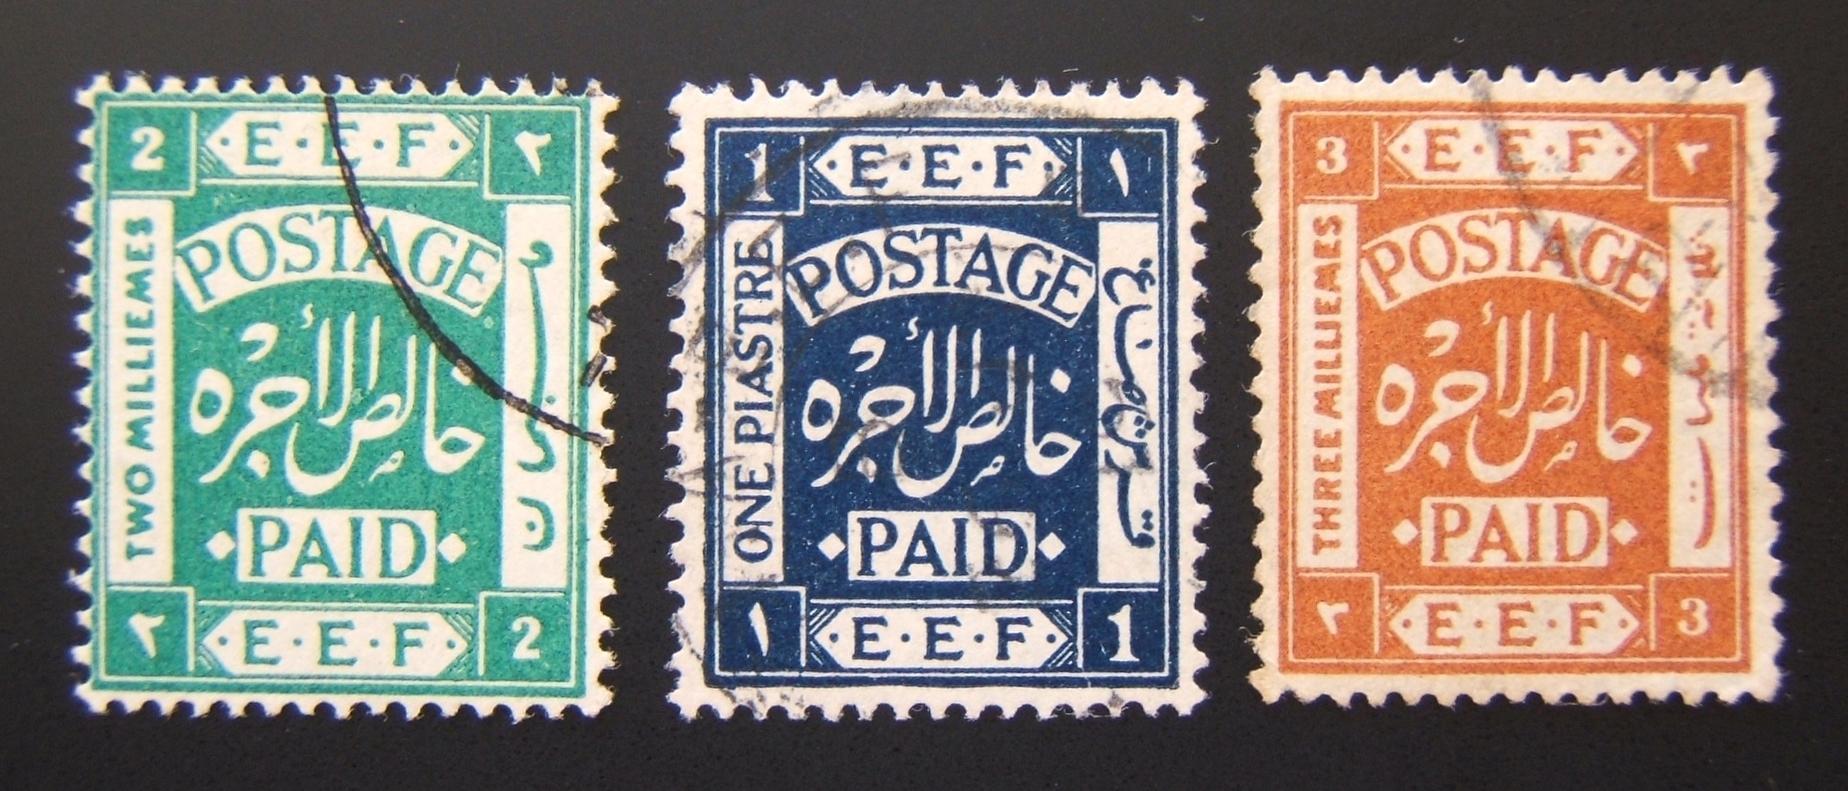 Menge x3 1918 EEF Typ III benutzte Marken: 2m (abgeschnitten 2), 3m im Ausland benutzt (Ba-7), 1p im Ausland benutzt